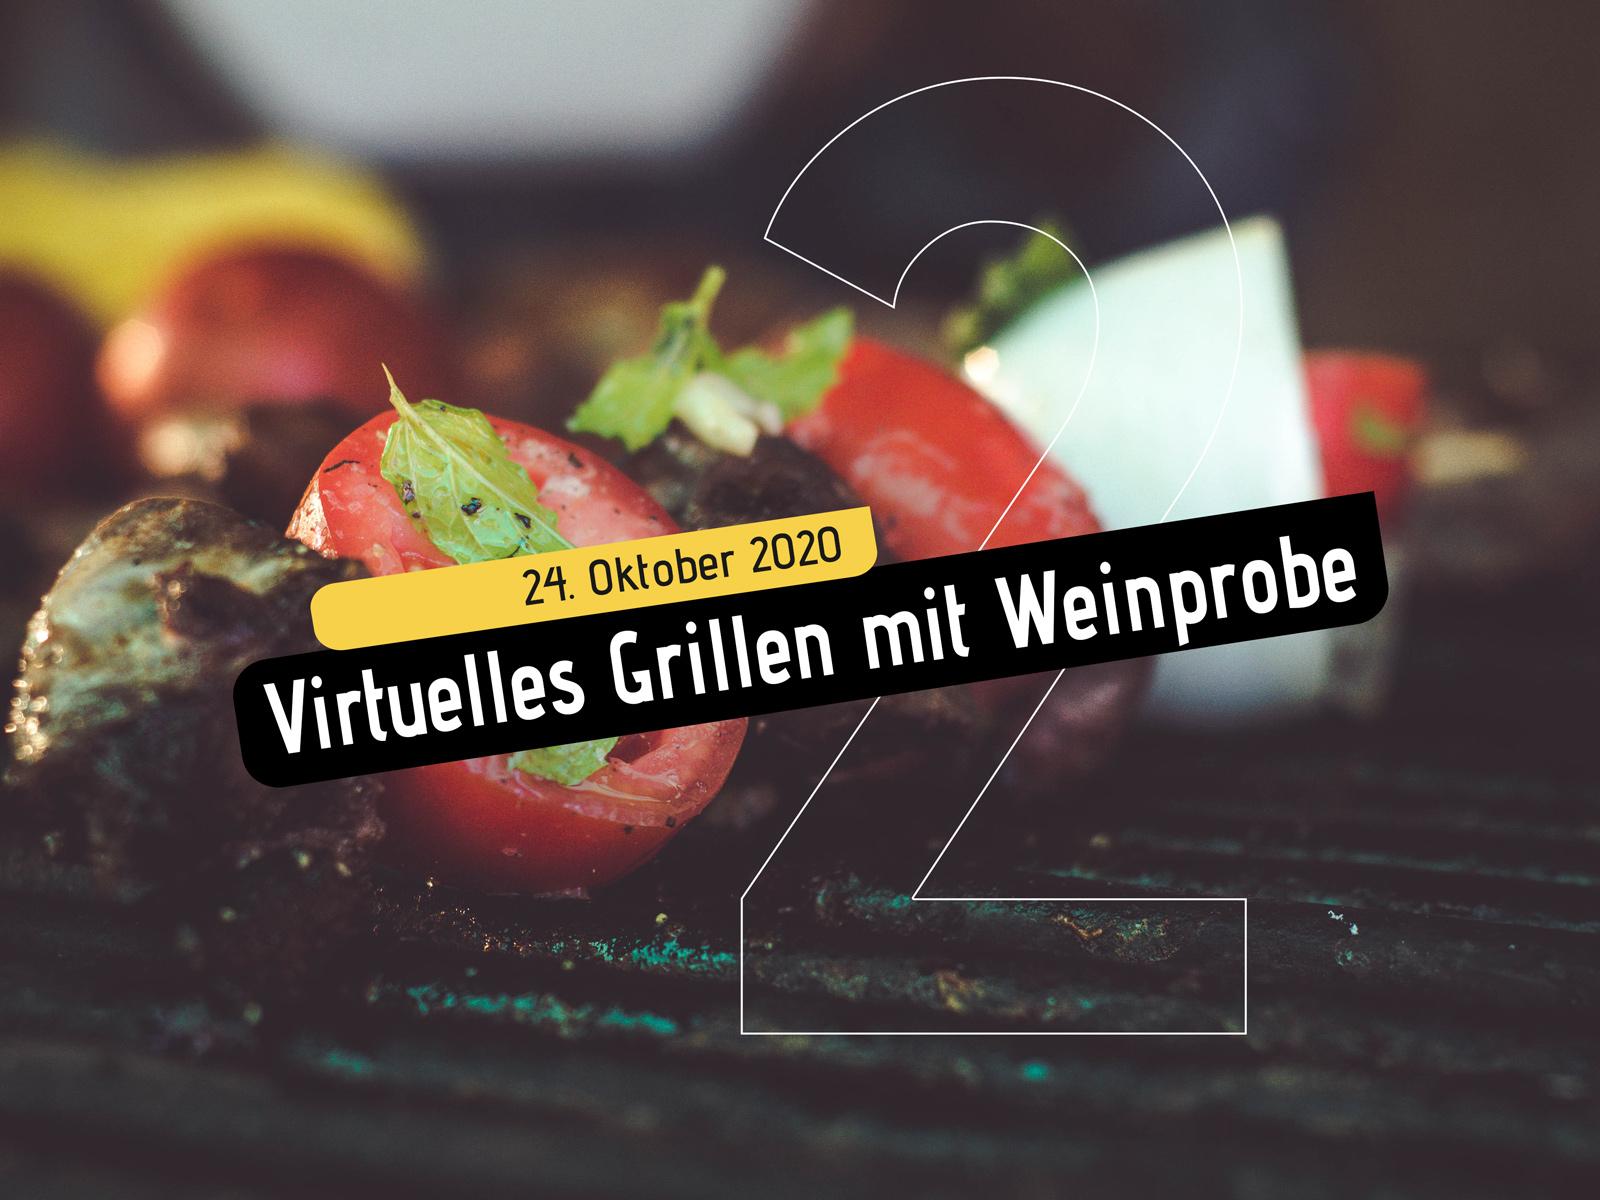 Zweites virtuelles Kandeler Grillfest — unser Wein ist wieder mit dabei!